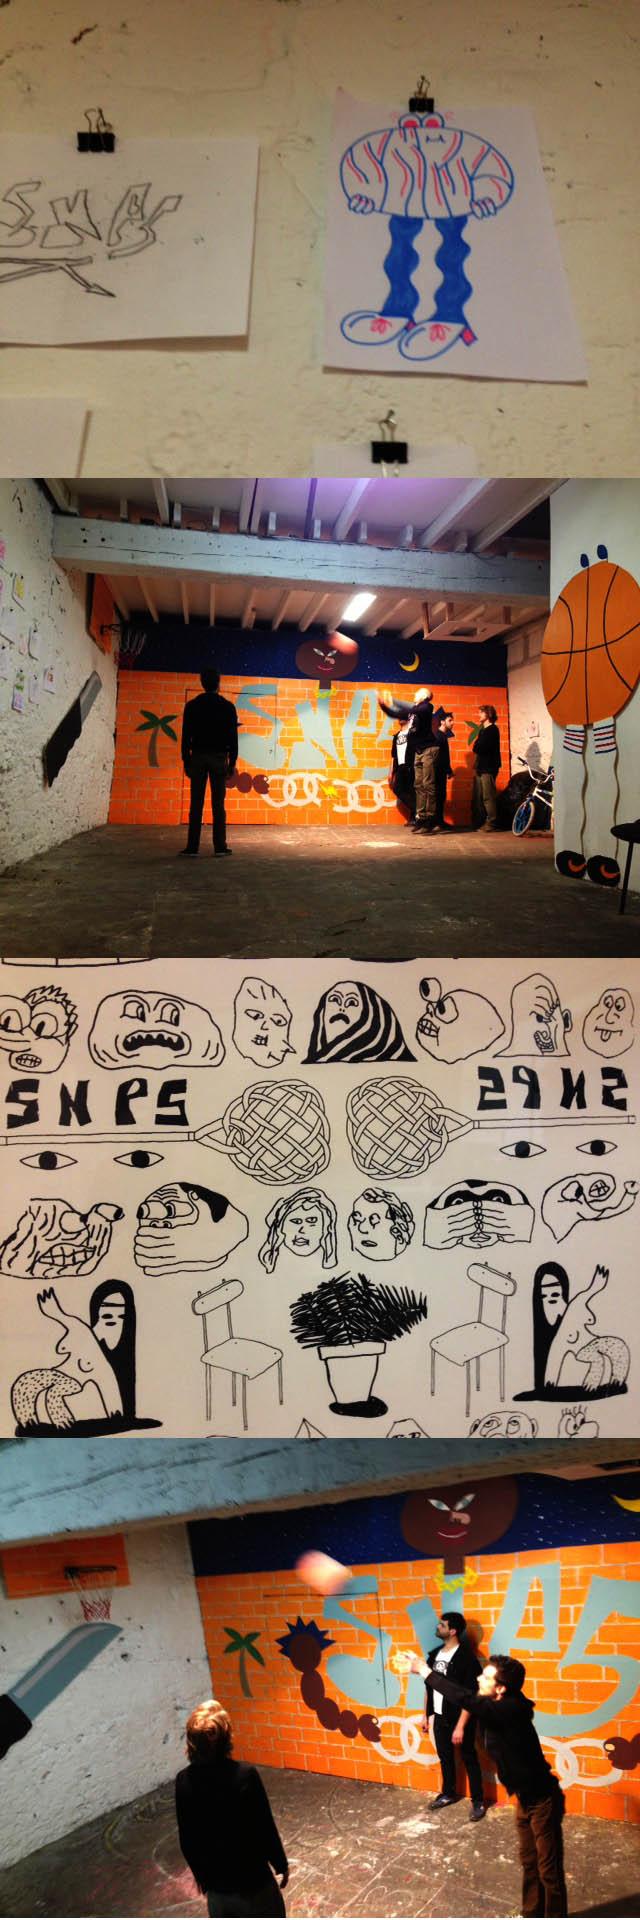 snps-italian_graffiti.jpg